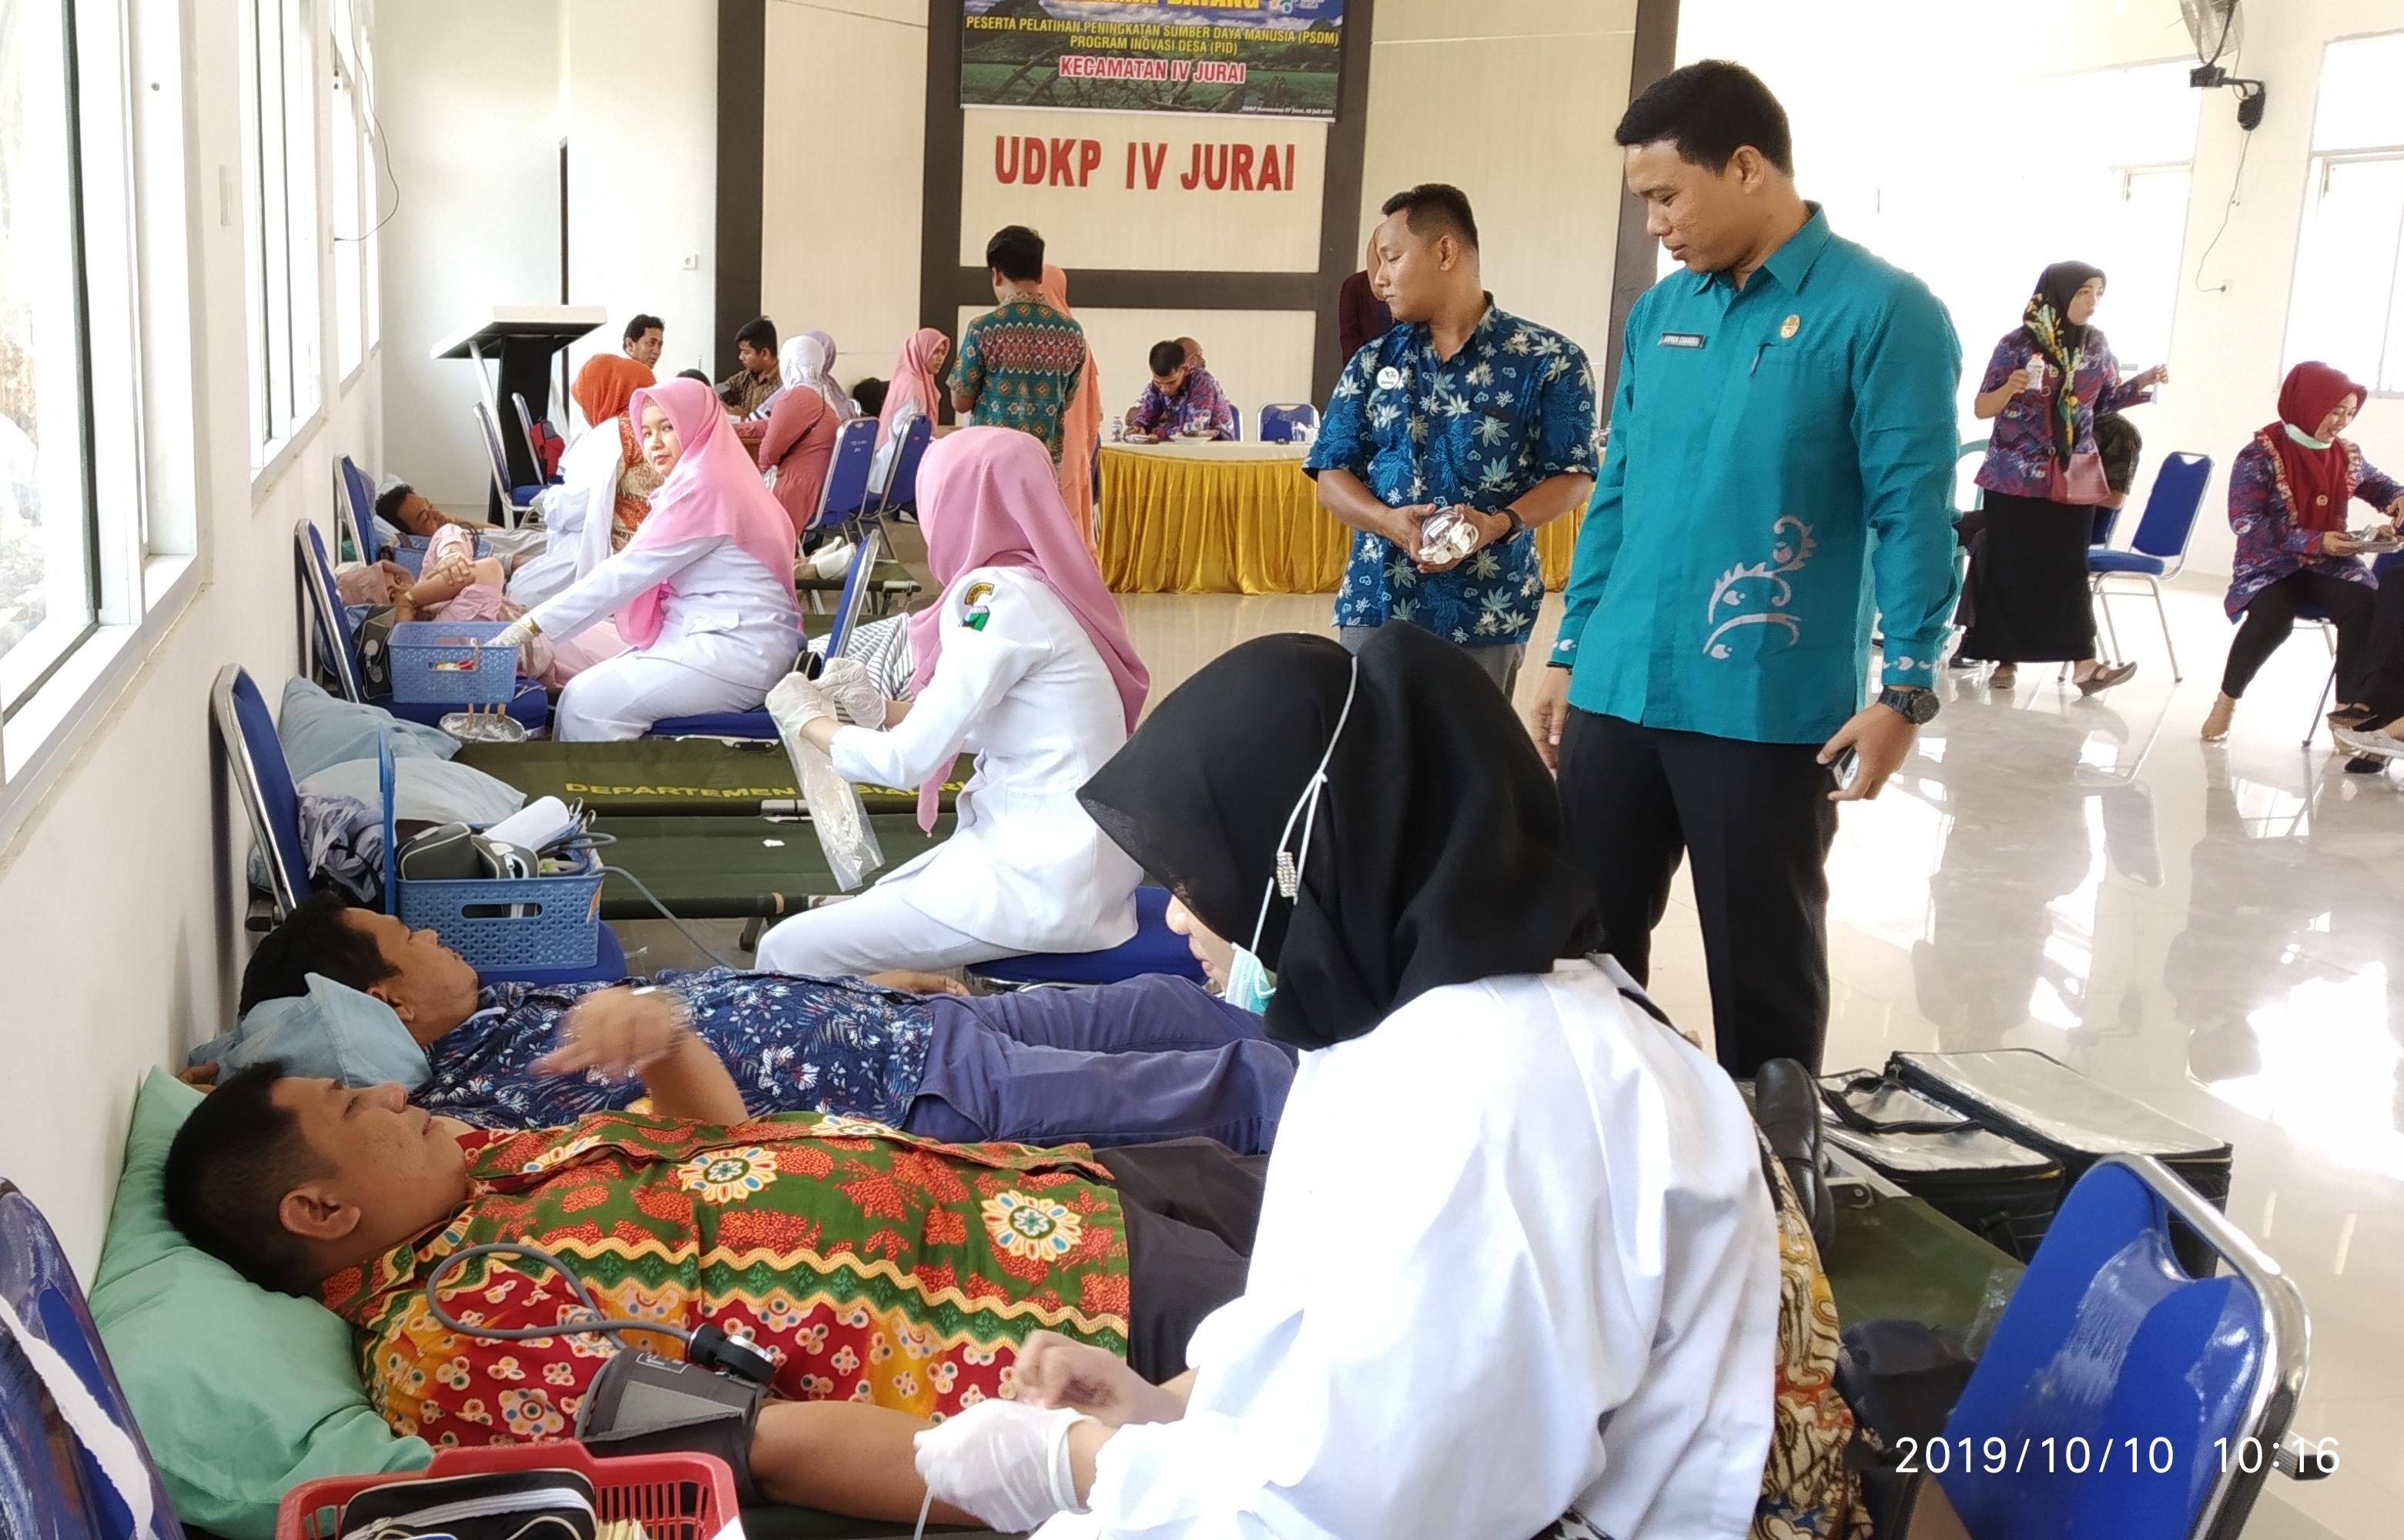 Pemerintah Kecamatan IV Jurai Pessel menggelar kegiatan  donor darah untuk membantu masyarakat